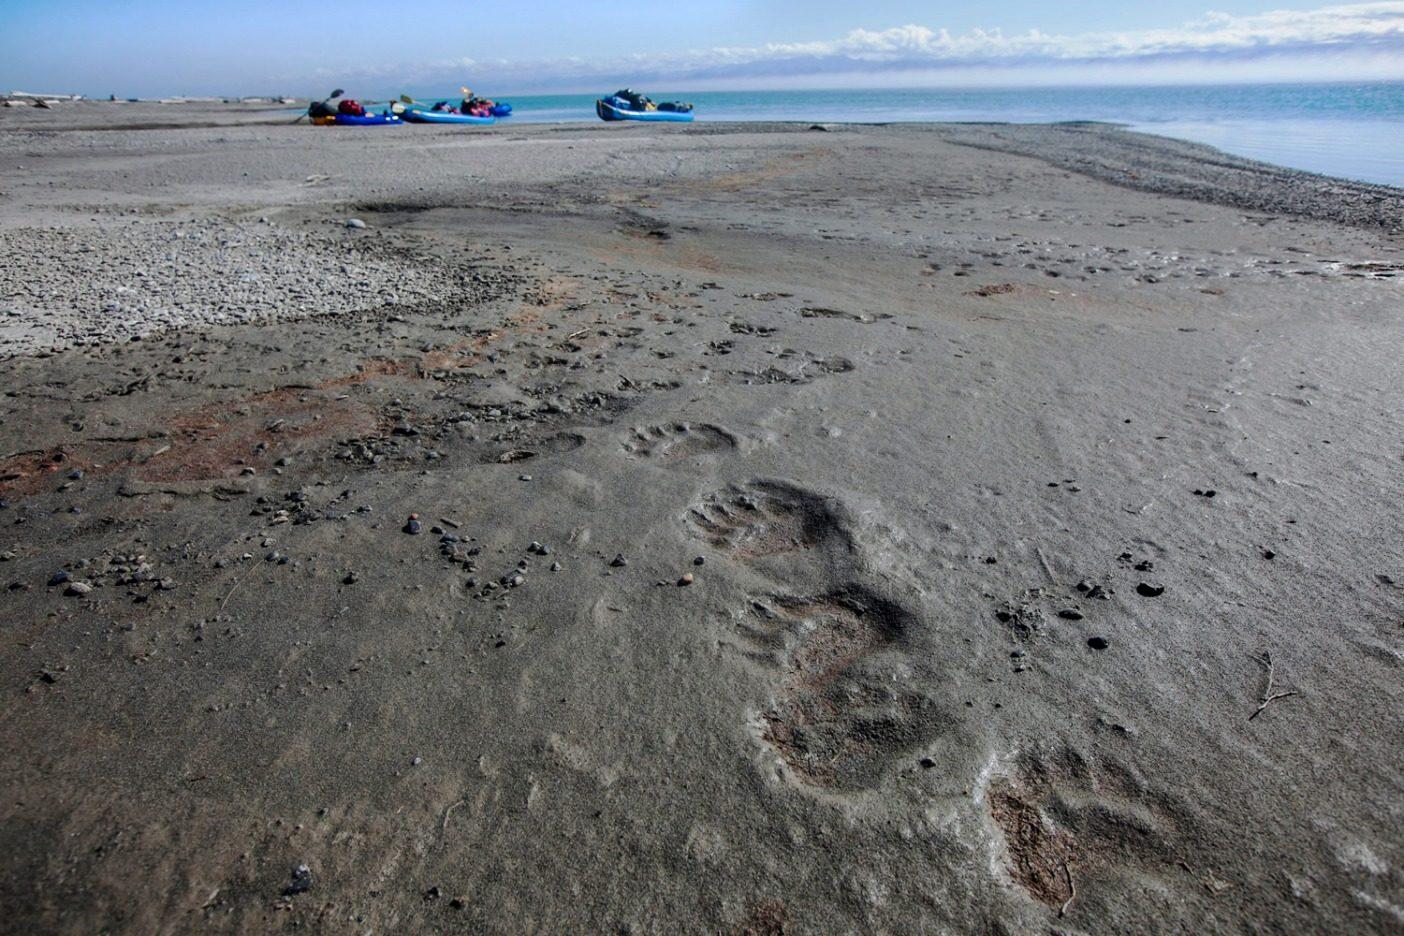 アイシー・リーフに残されたホッキョクグマの足跡。北極海のボーホート海からコンガクット川の終点を守ると同時に文明社会へ戻る着陸場所の役割を果たした砂利地。Photo: Nathaniel Wilder